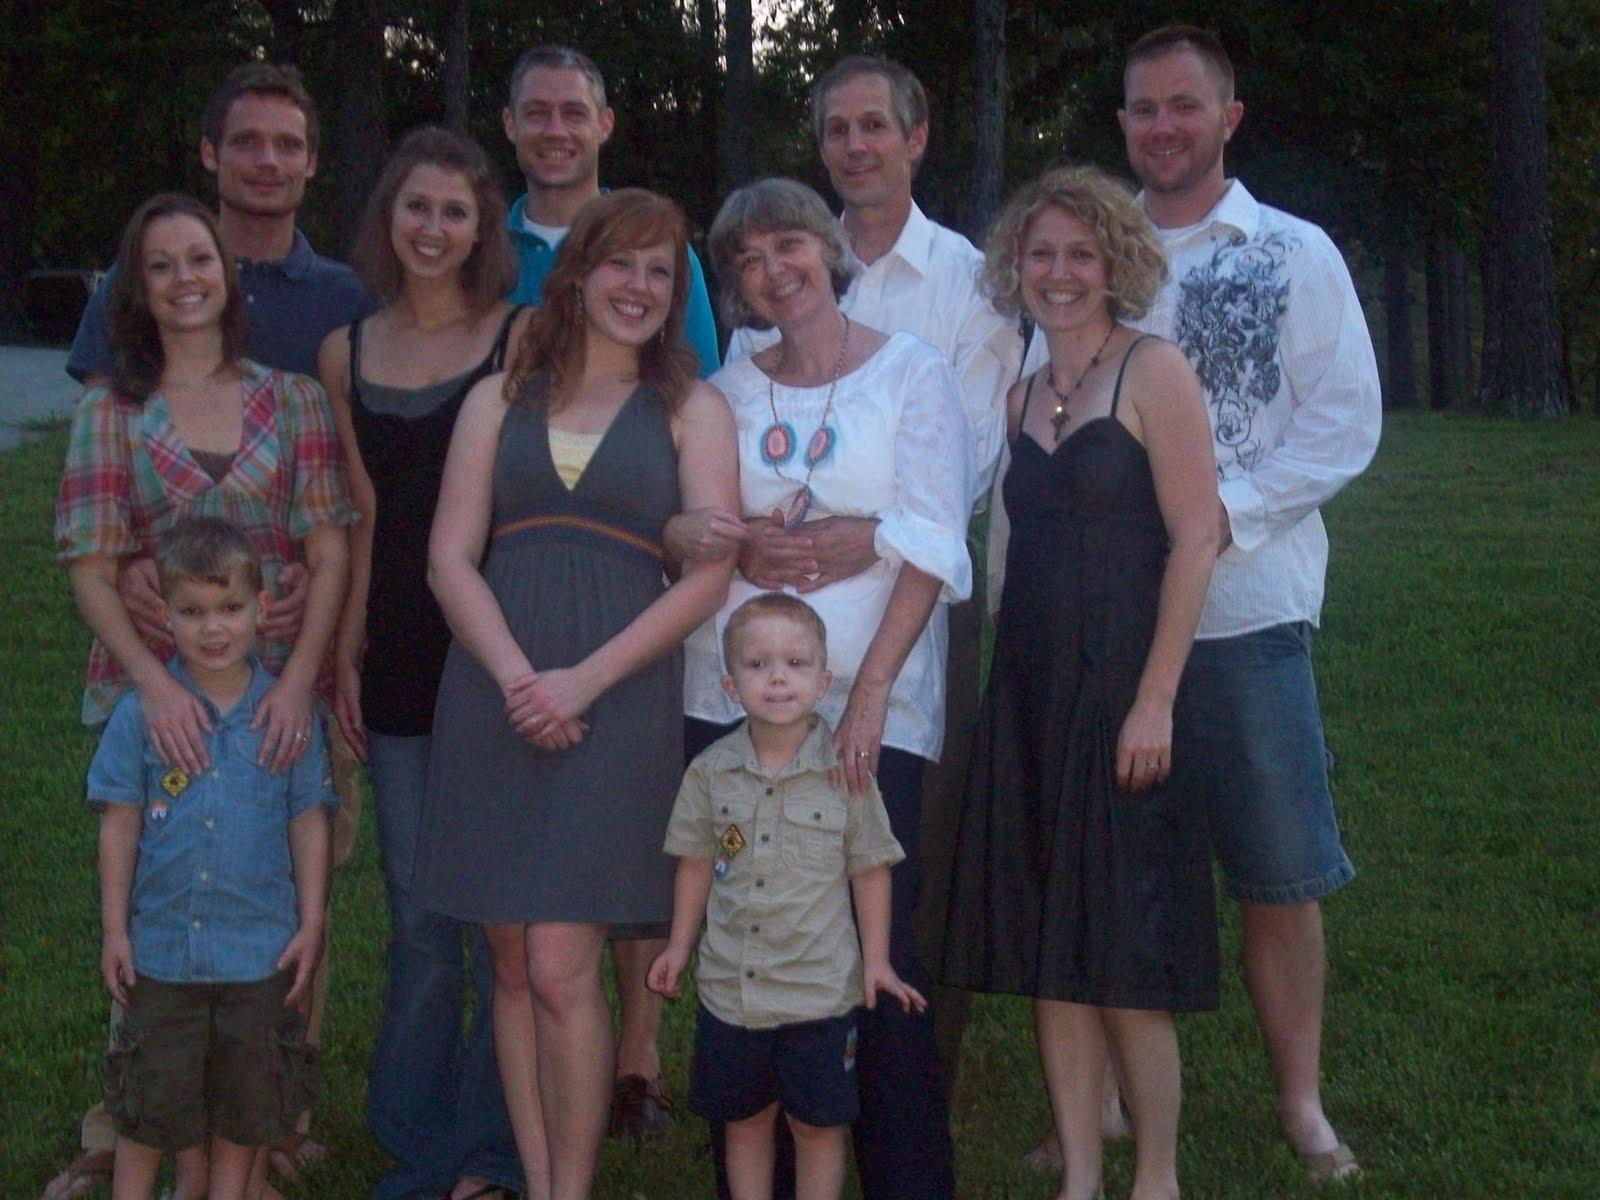 [The+family+Aug+2009.jpg]